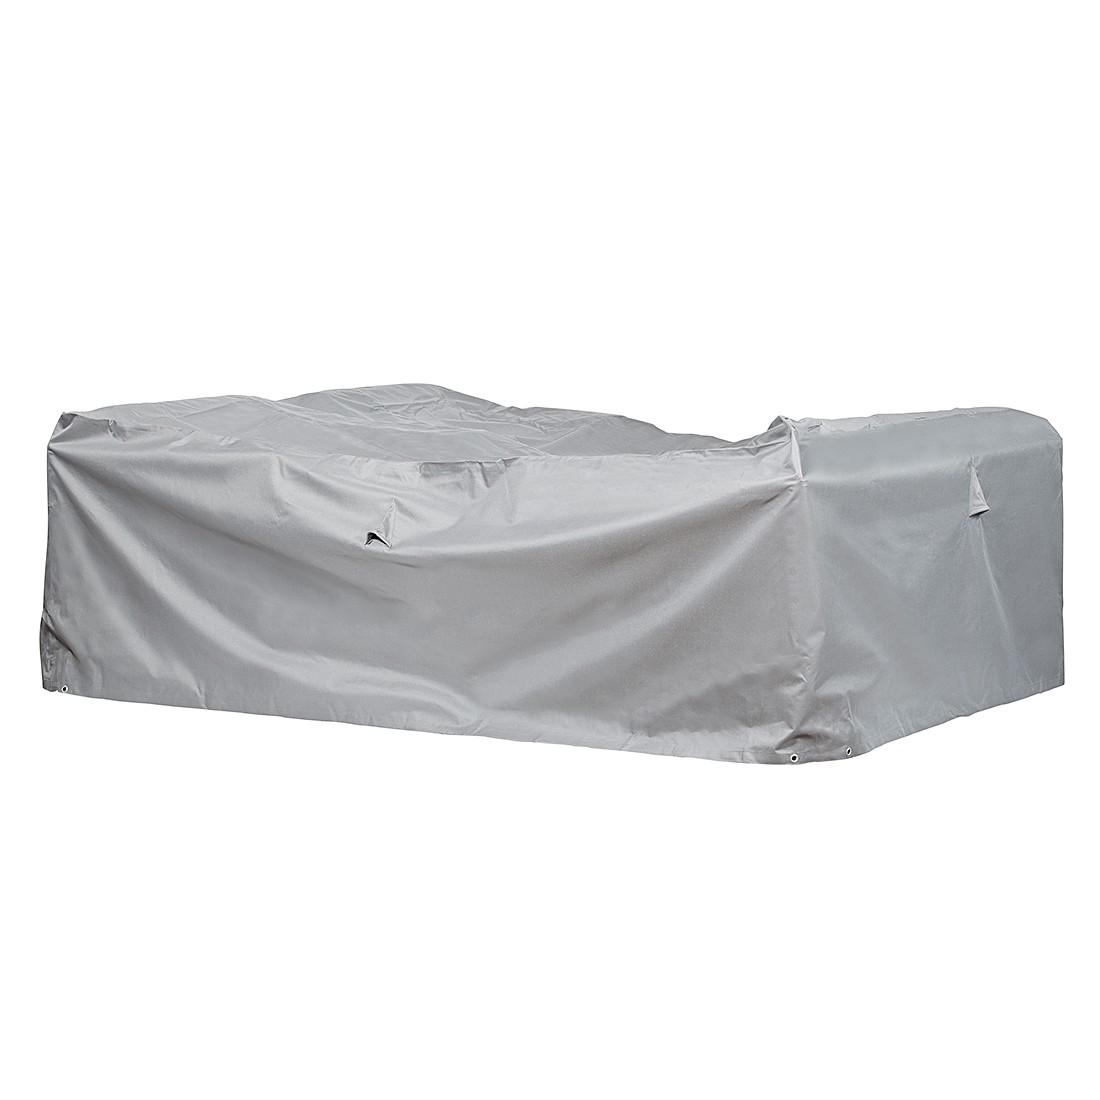 Schutzhülle Premium für Eck-Loungegruppe (255 x 255 cm) – Polyester, mehr Garten online bestellen